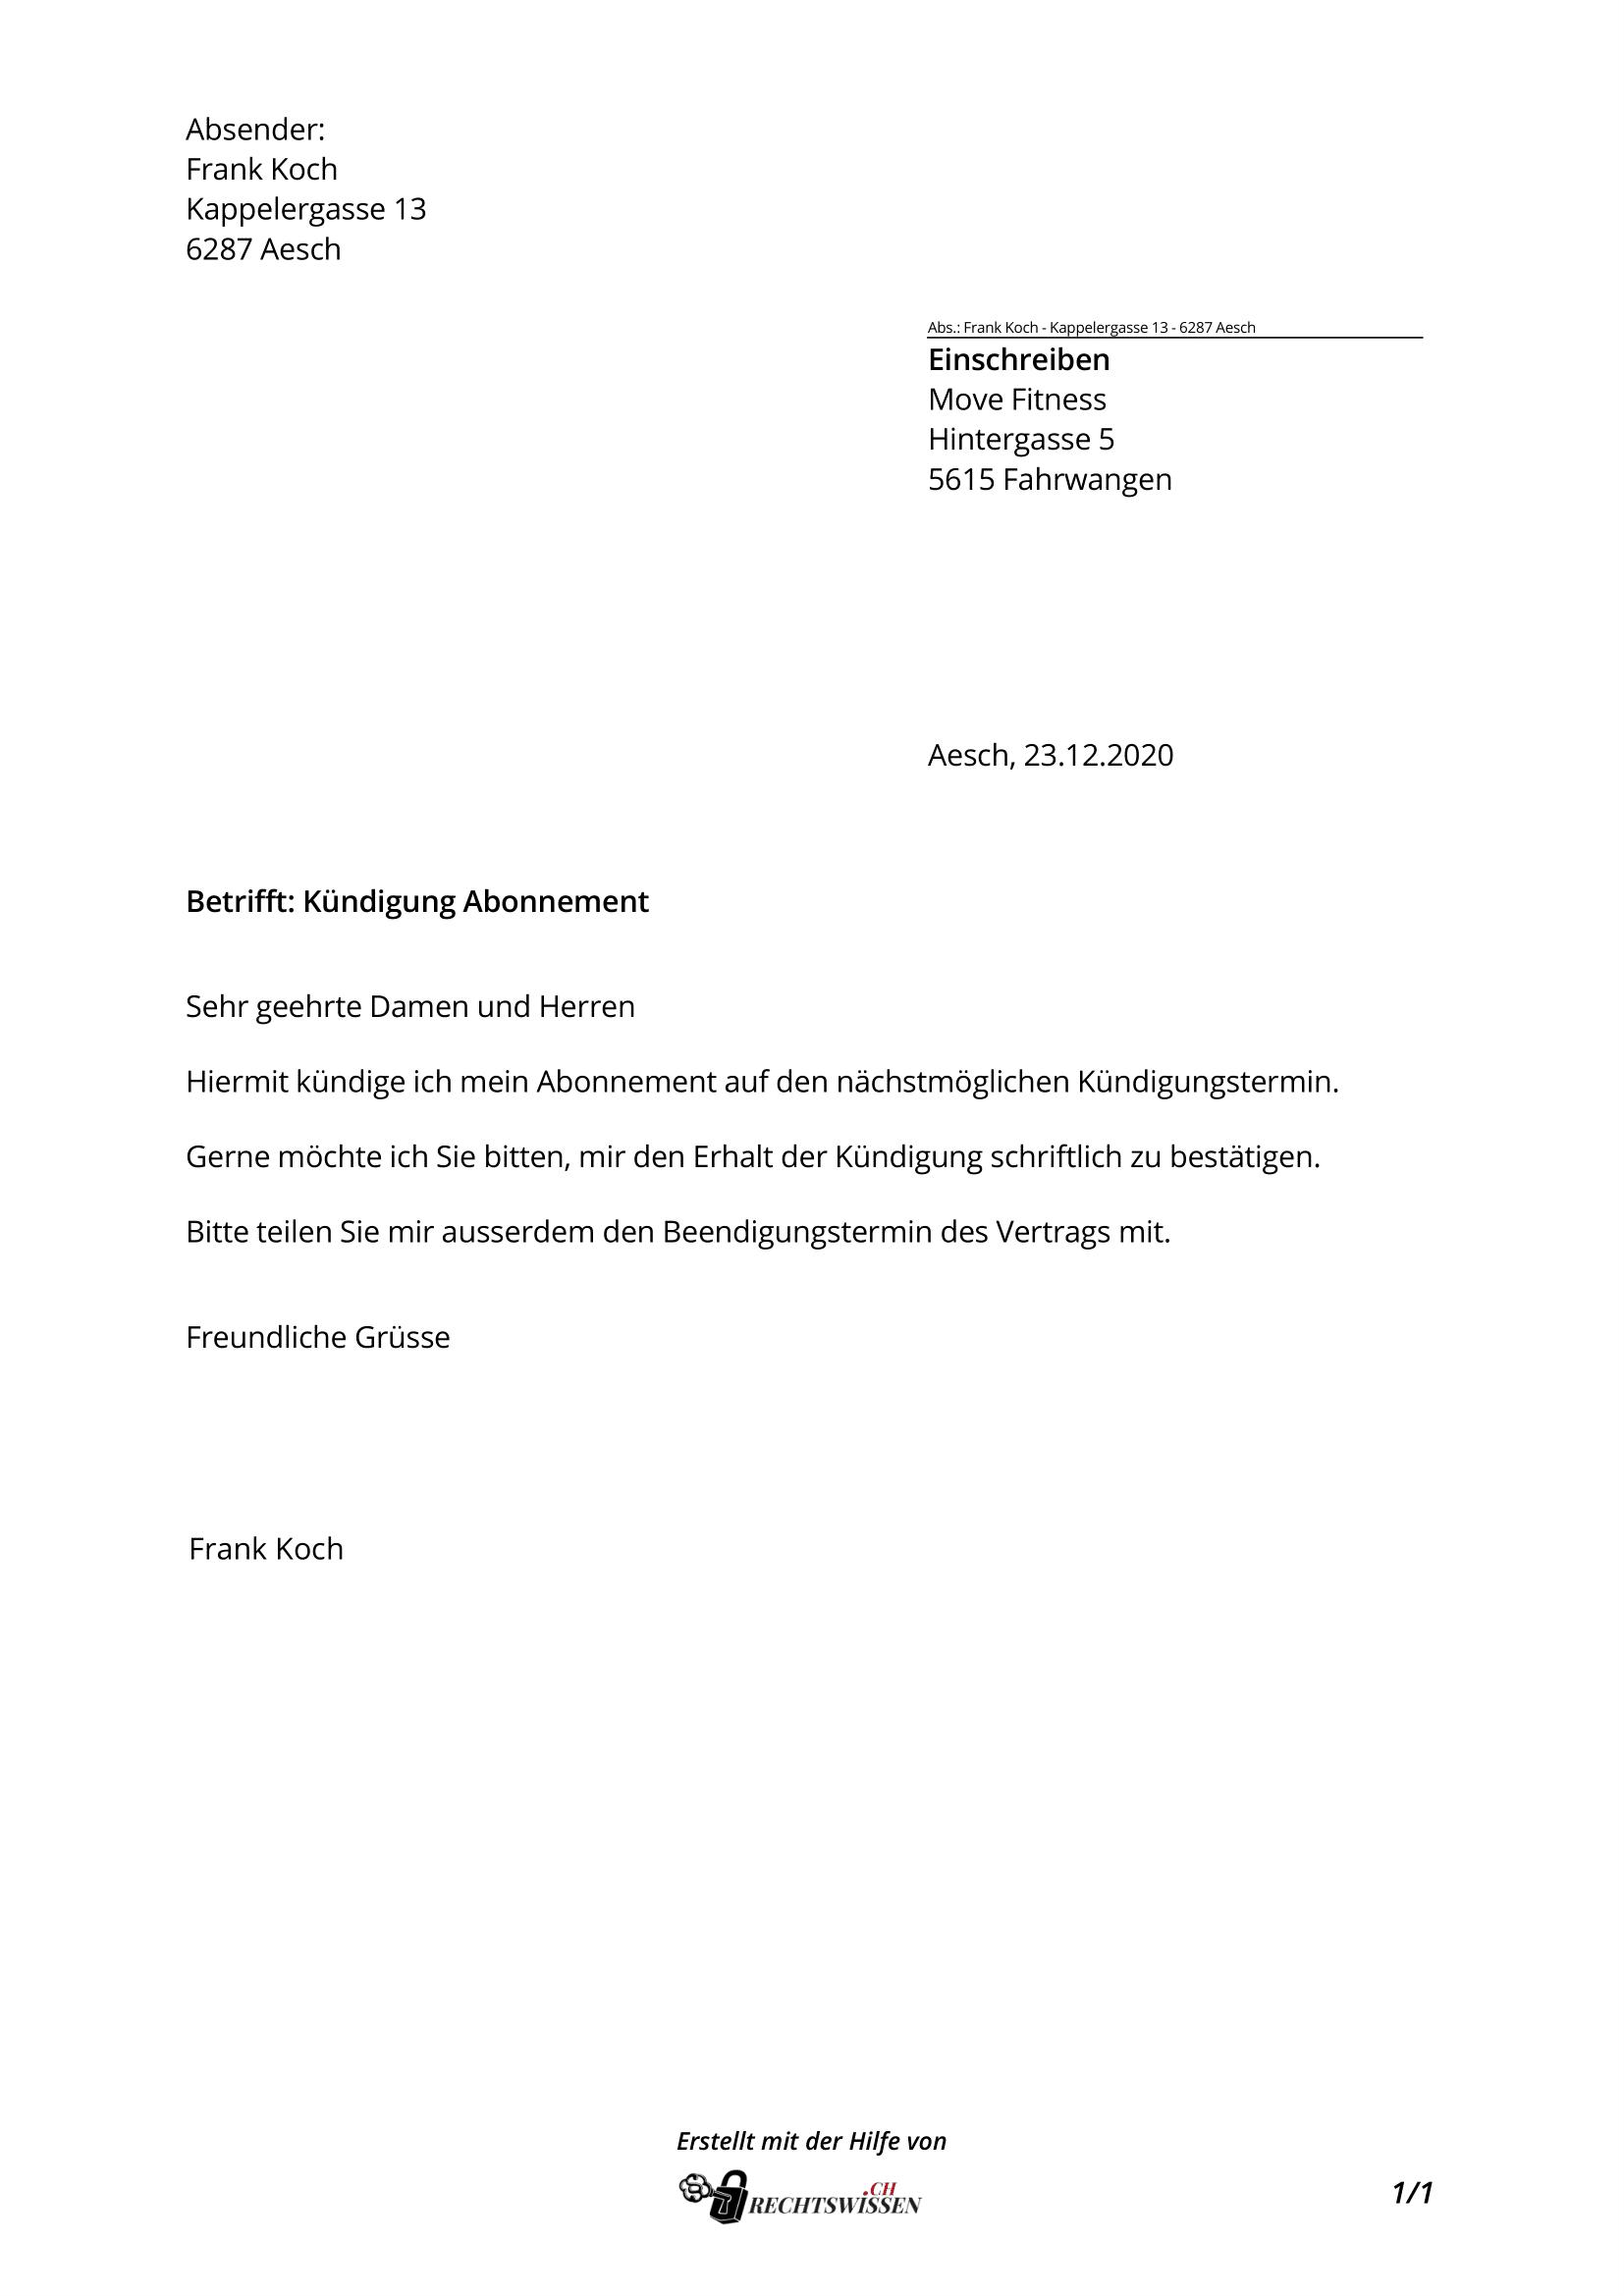 Kündigung Abo: Fitness Abo, UPC, Zeitung, mit Vorlage